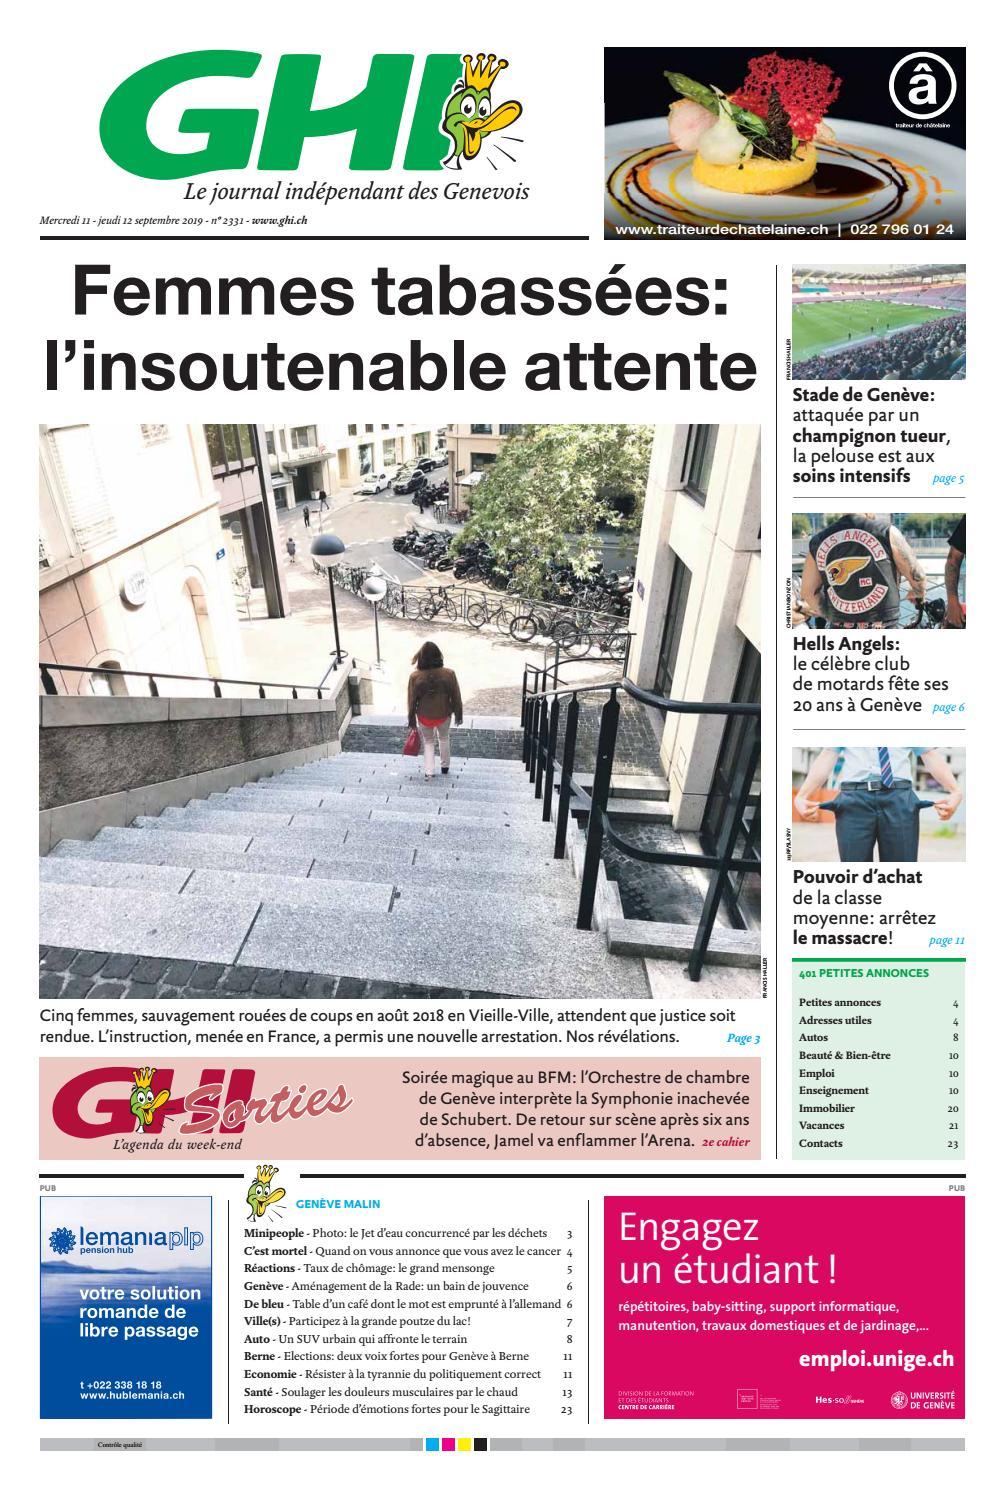 Ensemble De Jardin Pas Cher Élégant 2019 09 12 by Ghi & Lausanne Cités issuu Of 26 Nouveau Ensemble De Jardin Pas Cher